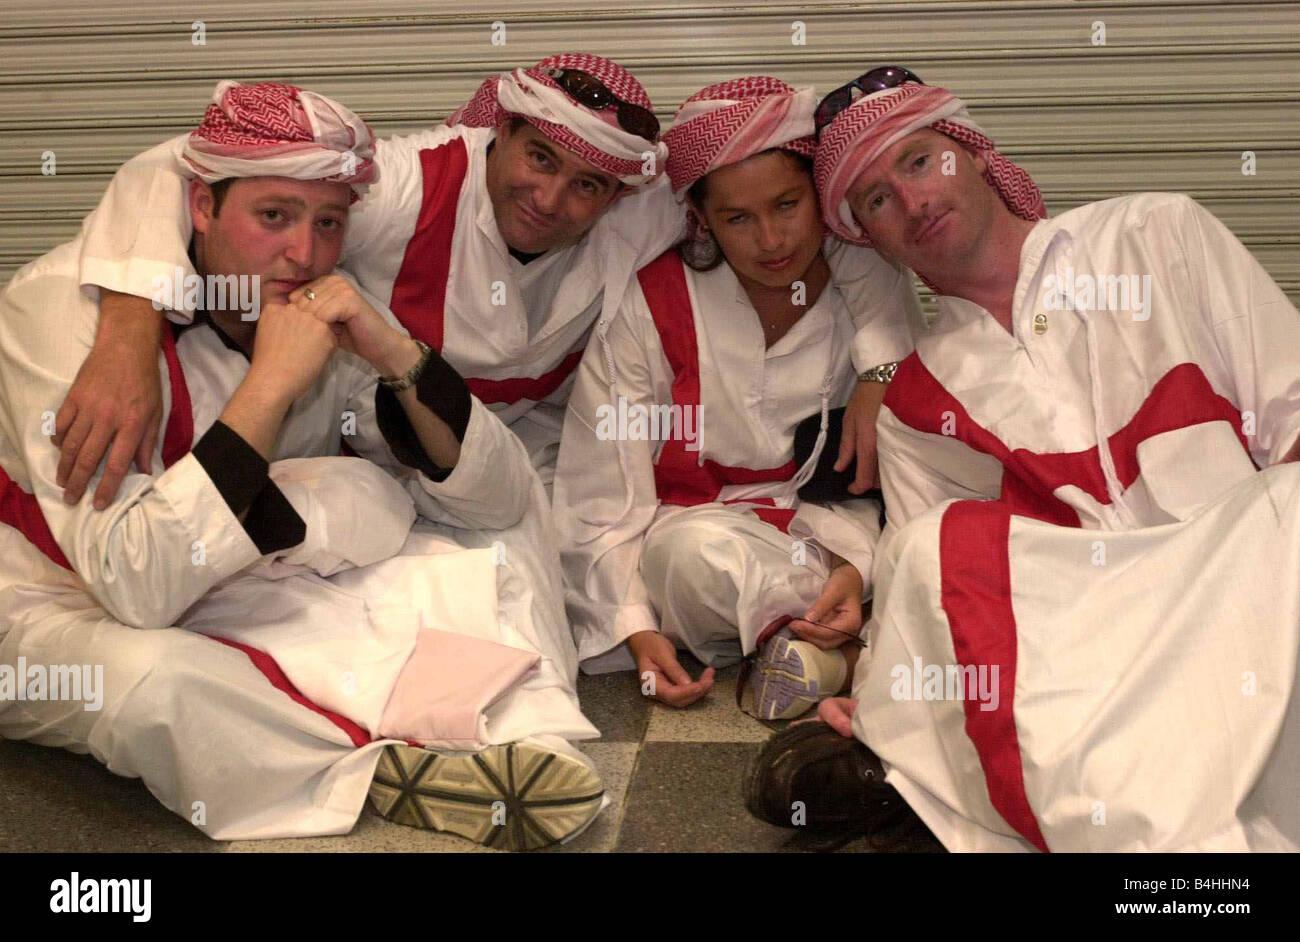 England Fans Fußballfans Juni 2002 enttäuscht die englischen Fan nach England V Brasilien-Spiel in Japan Stockbild